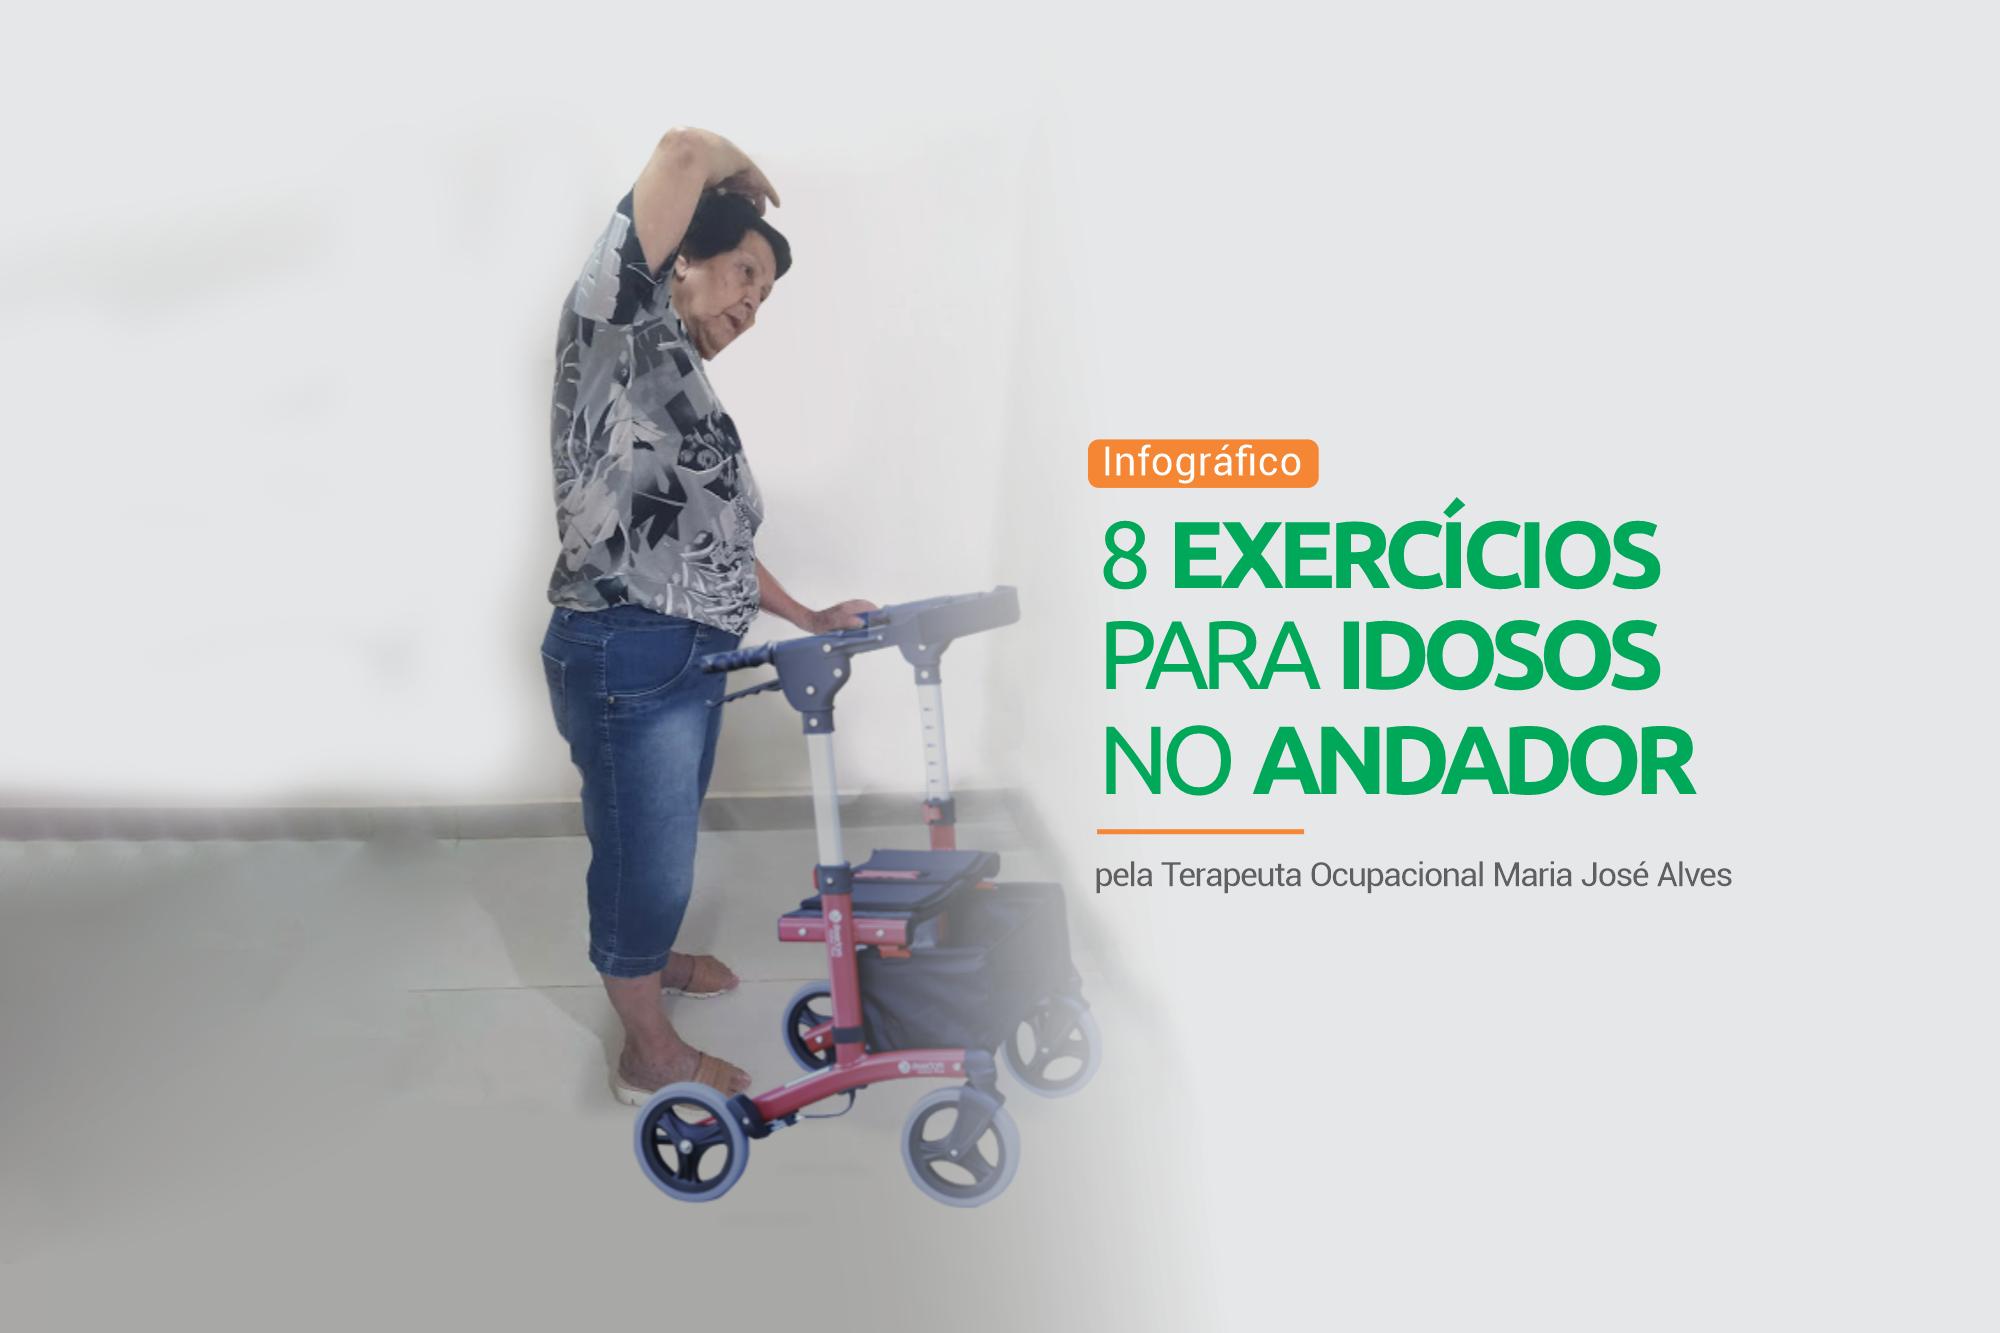 exercícios no andador